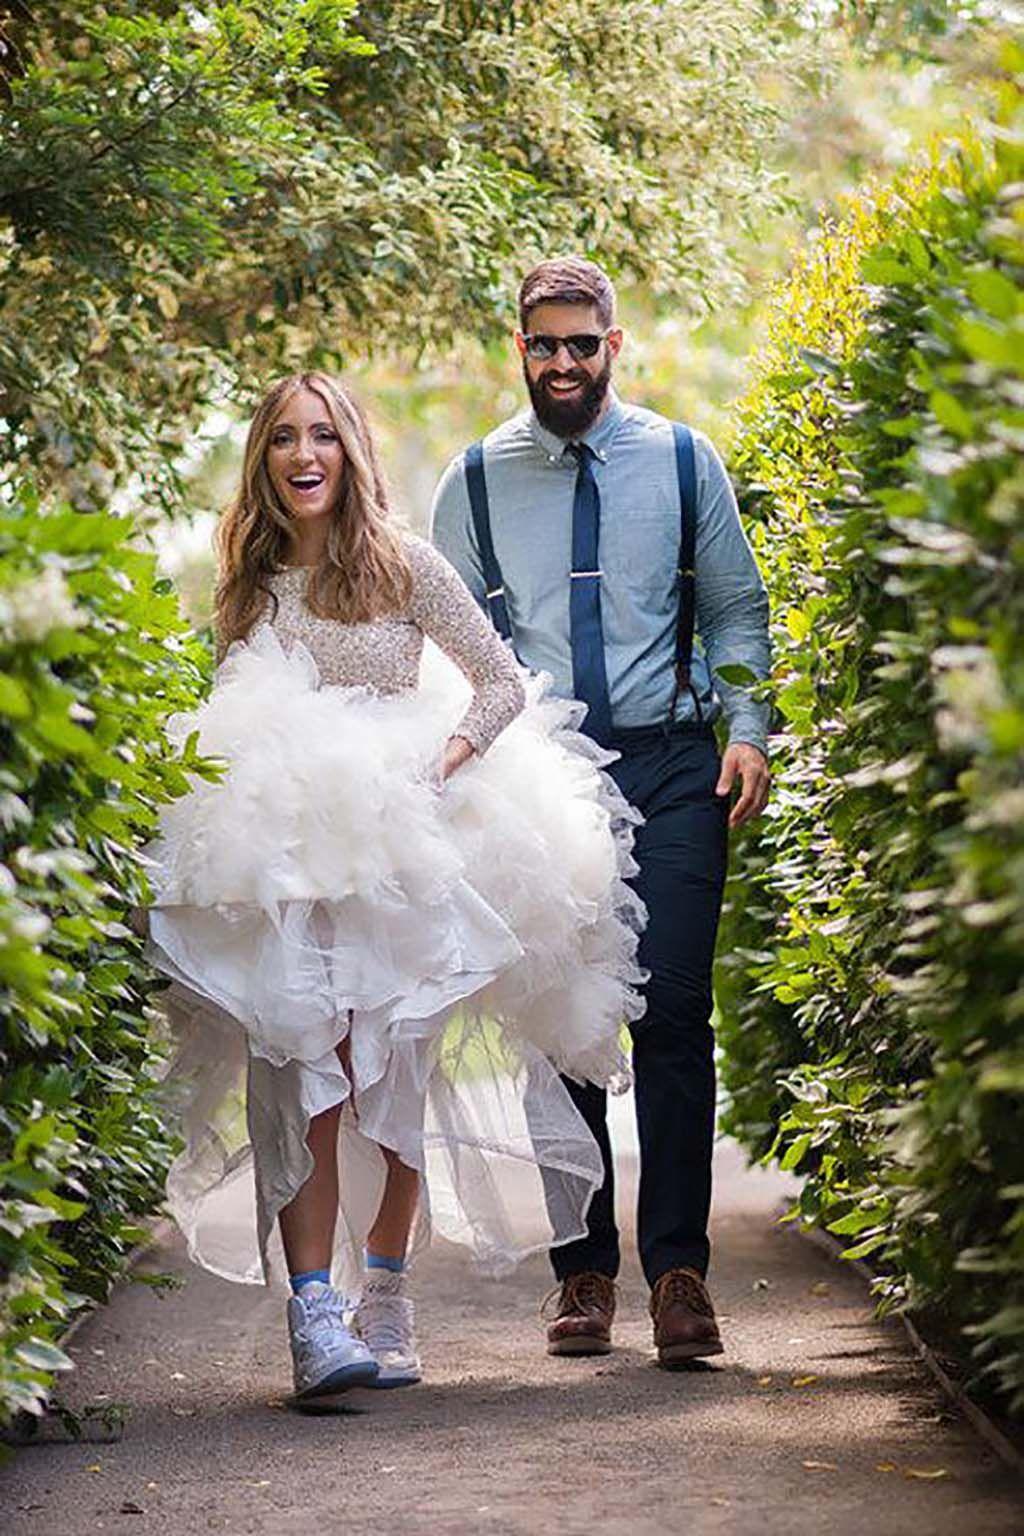 Vestido de novia con zapatos deportivos